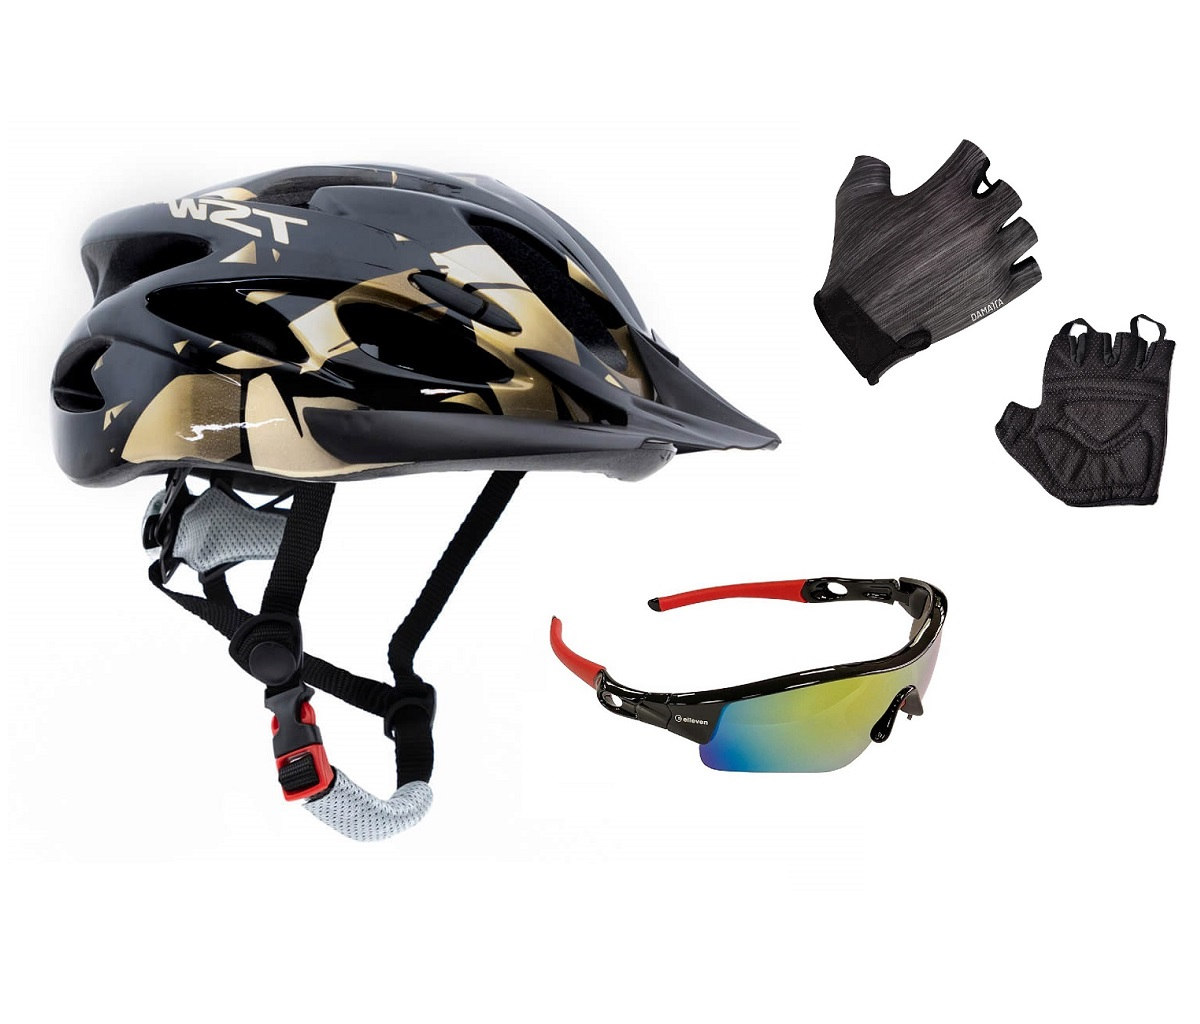 Capacete Bike Led Raptor Tsw + Luva Damatta + Óculos Ciclismo